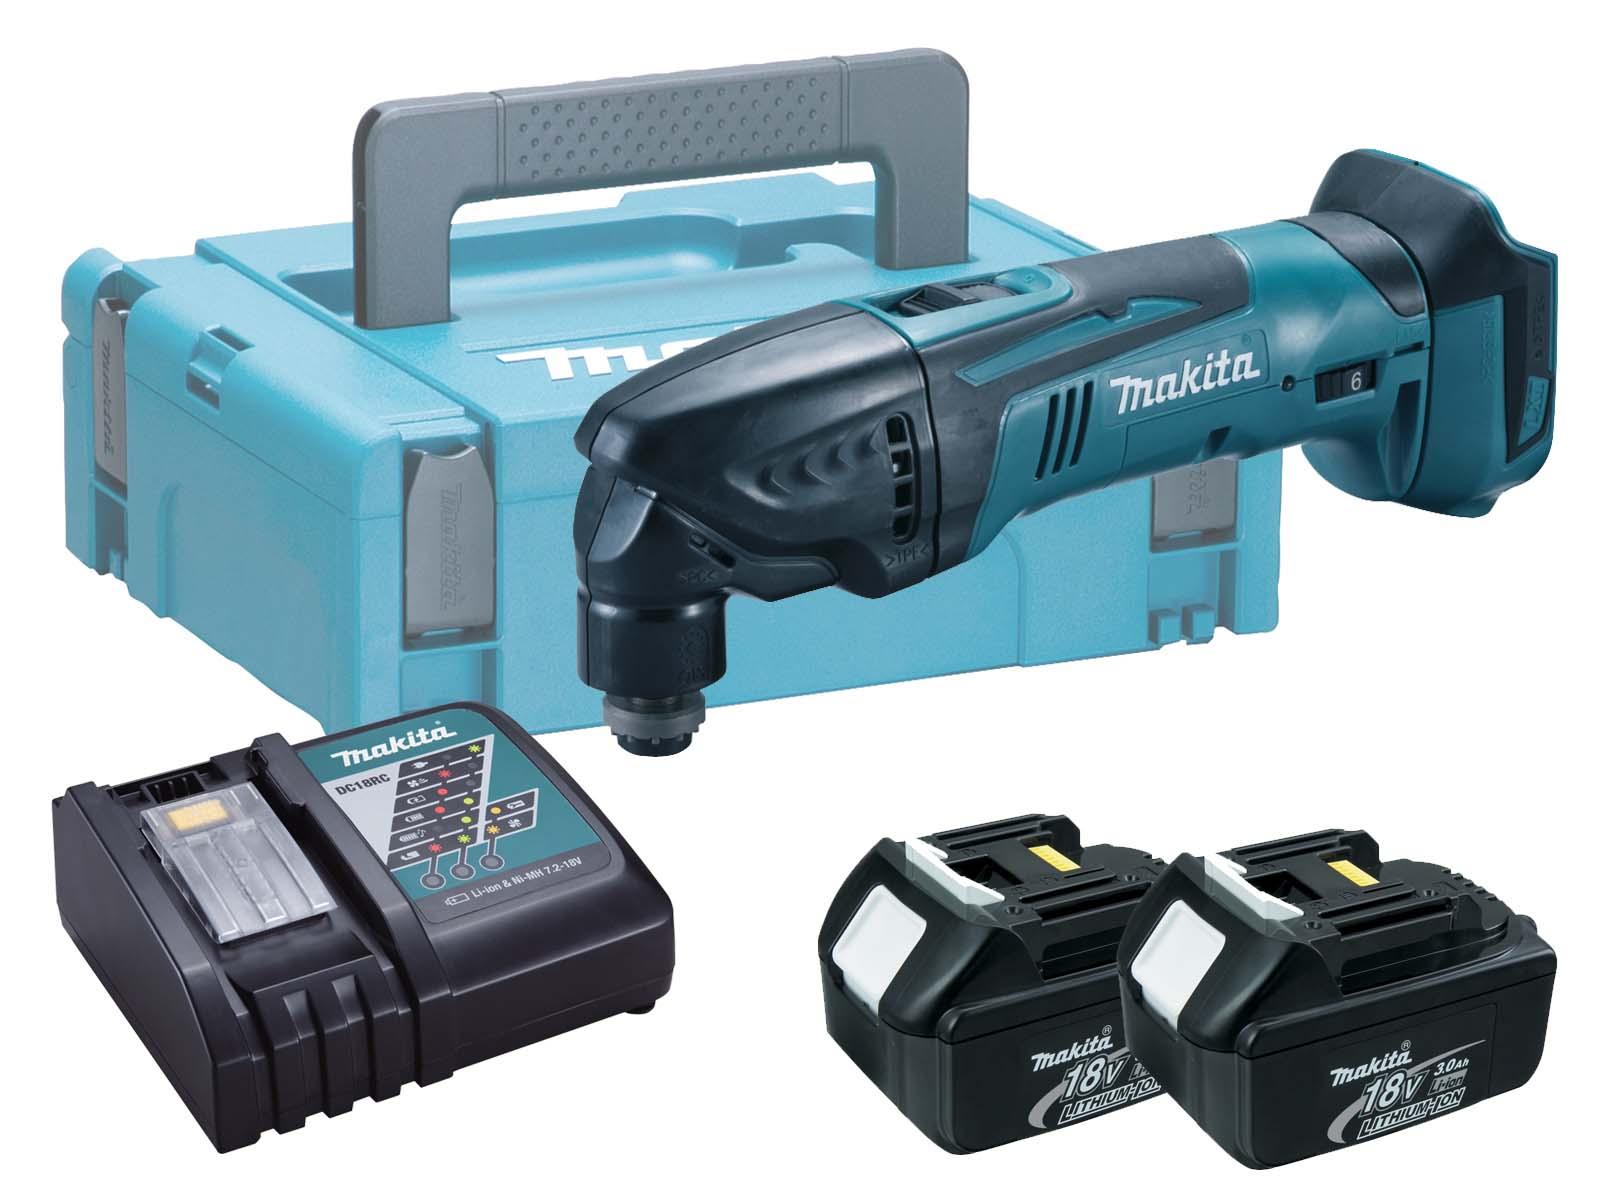 Makita 18V Brushed Multi Tool LXT - DTM50 - 3.0Ah Pack